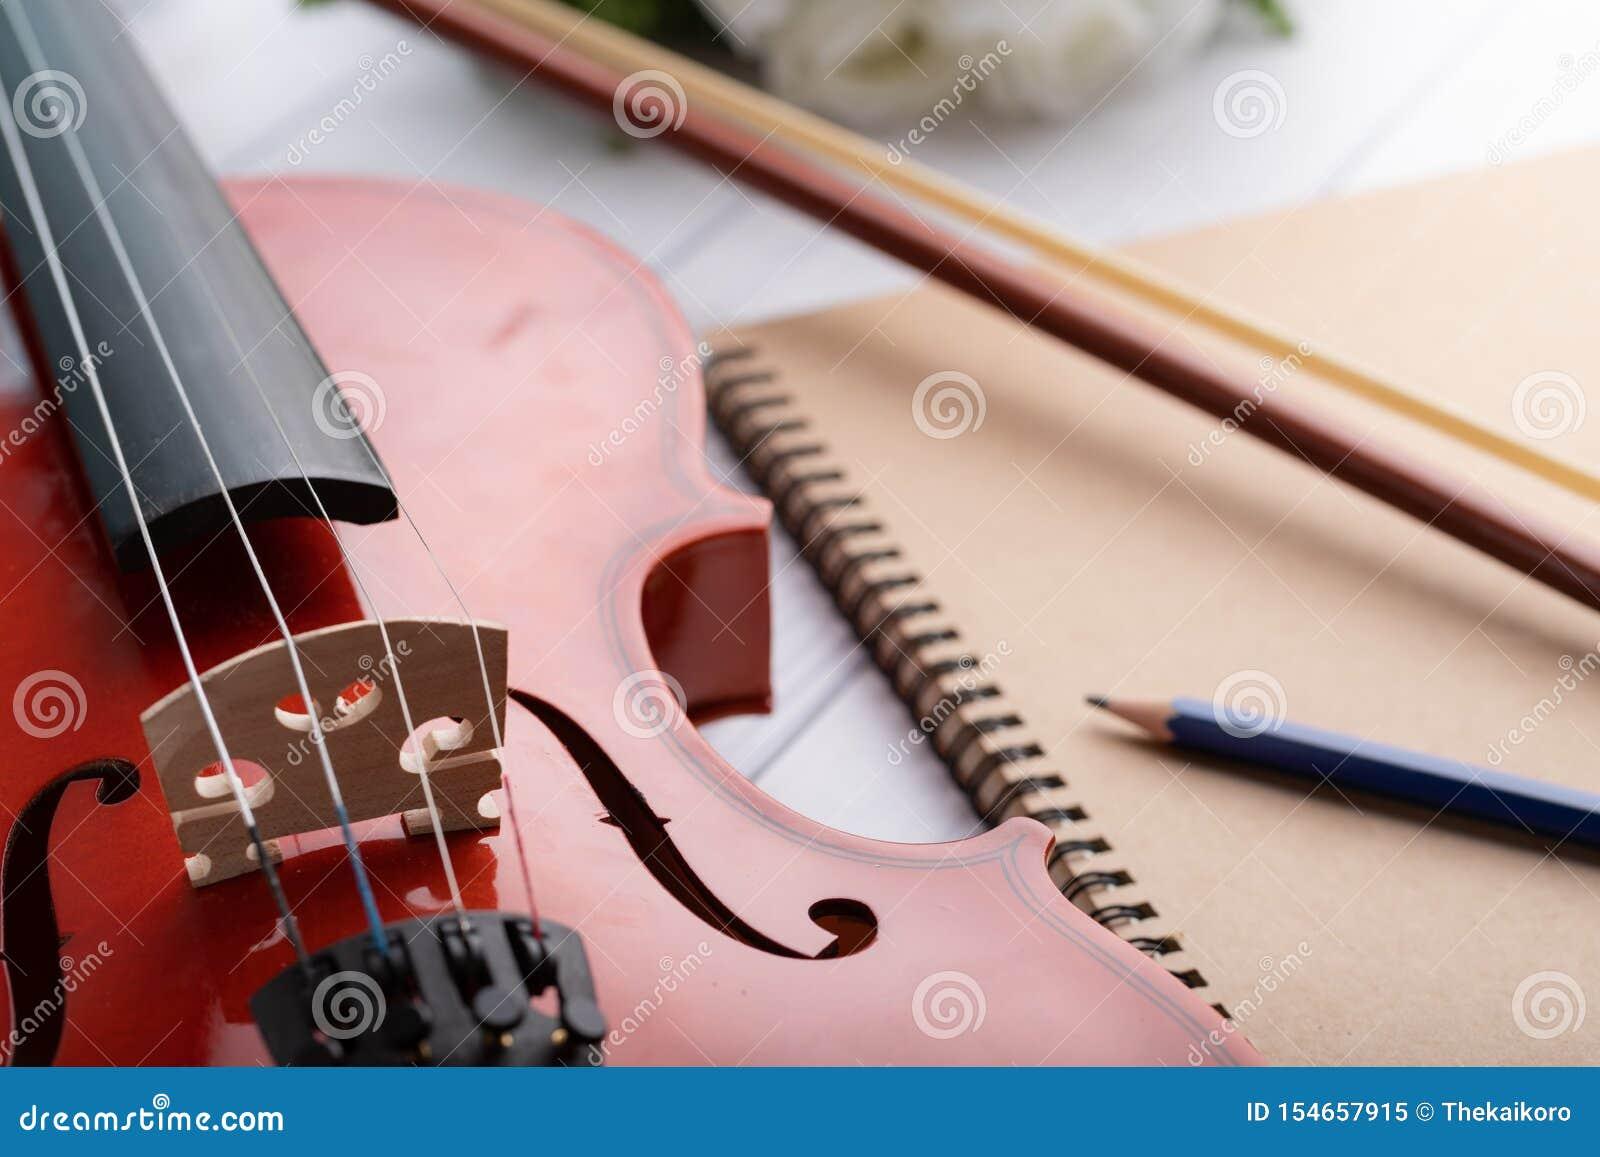 Het close-up schoot vioolorkest instrumentaal over witte houten achtergrond ondiepe velddiepte uitgezochte nadruk